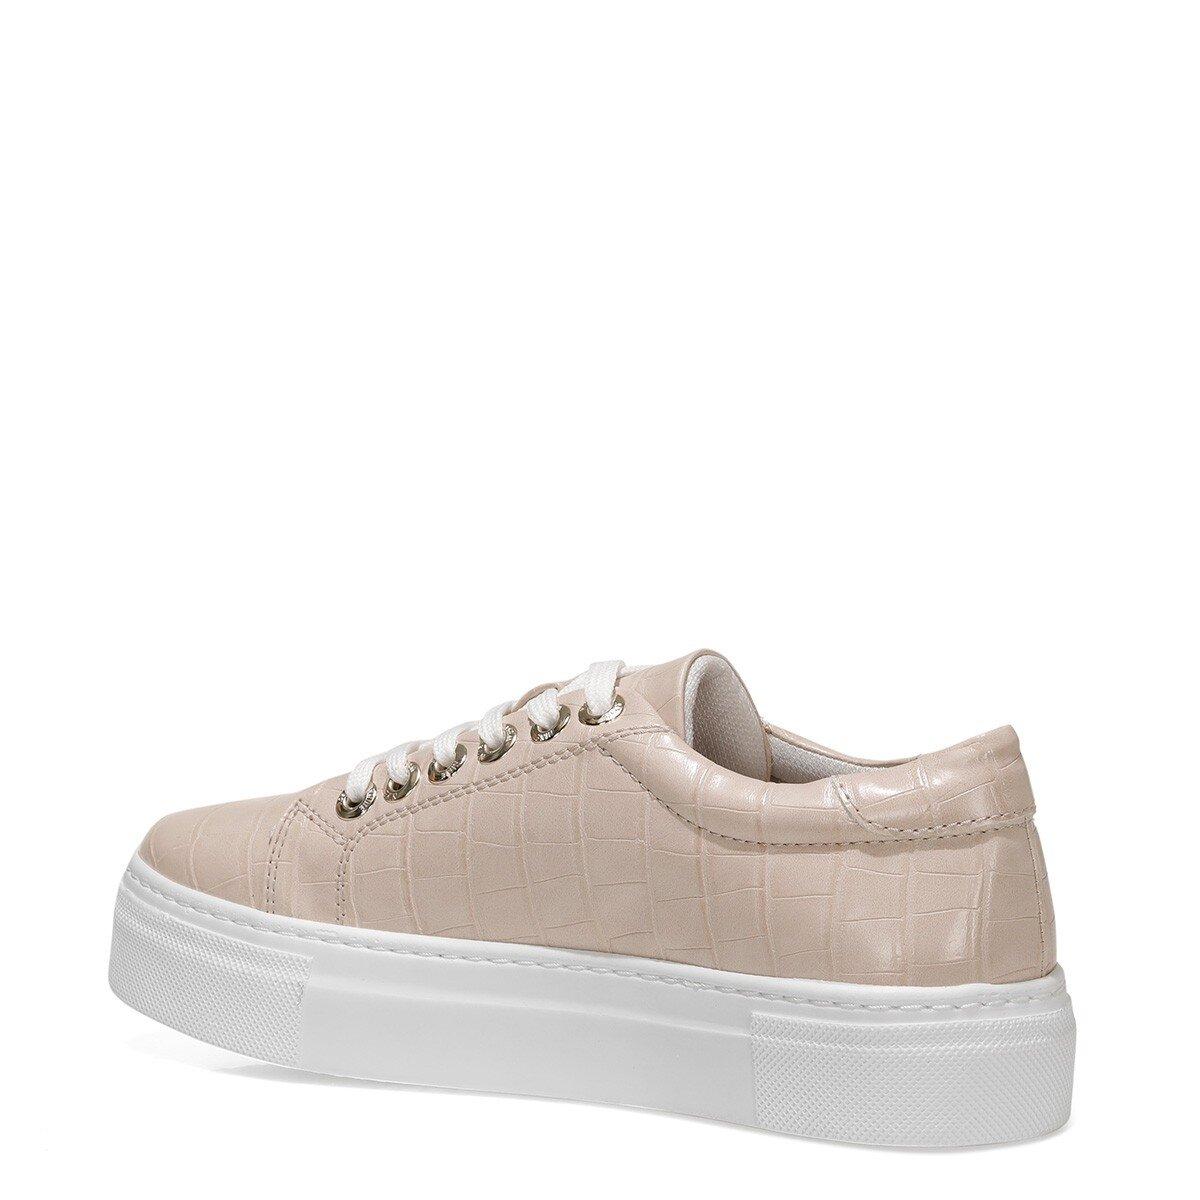 ANDY 1FX Bej Kadın Sneaker